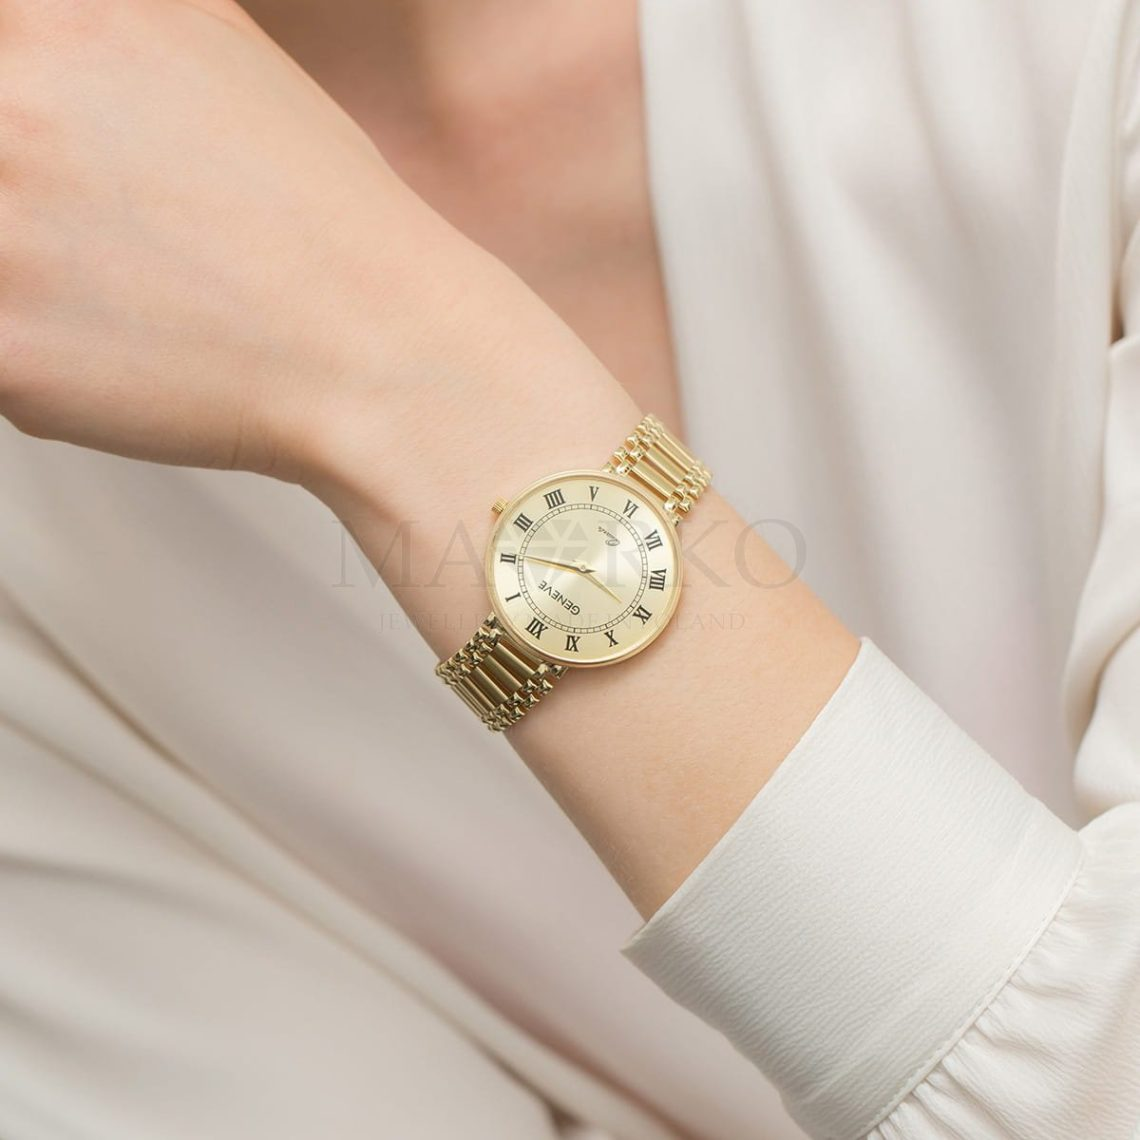 złoty zegarek damski na ręku